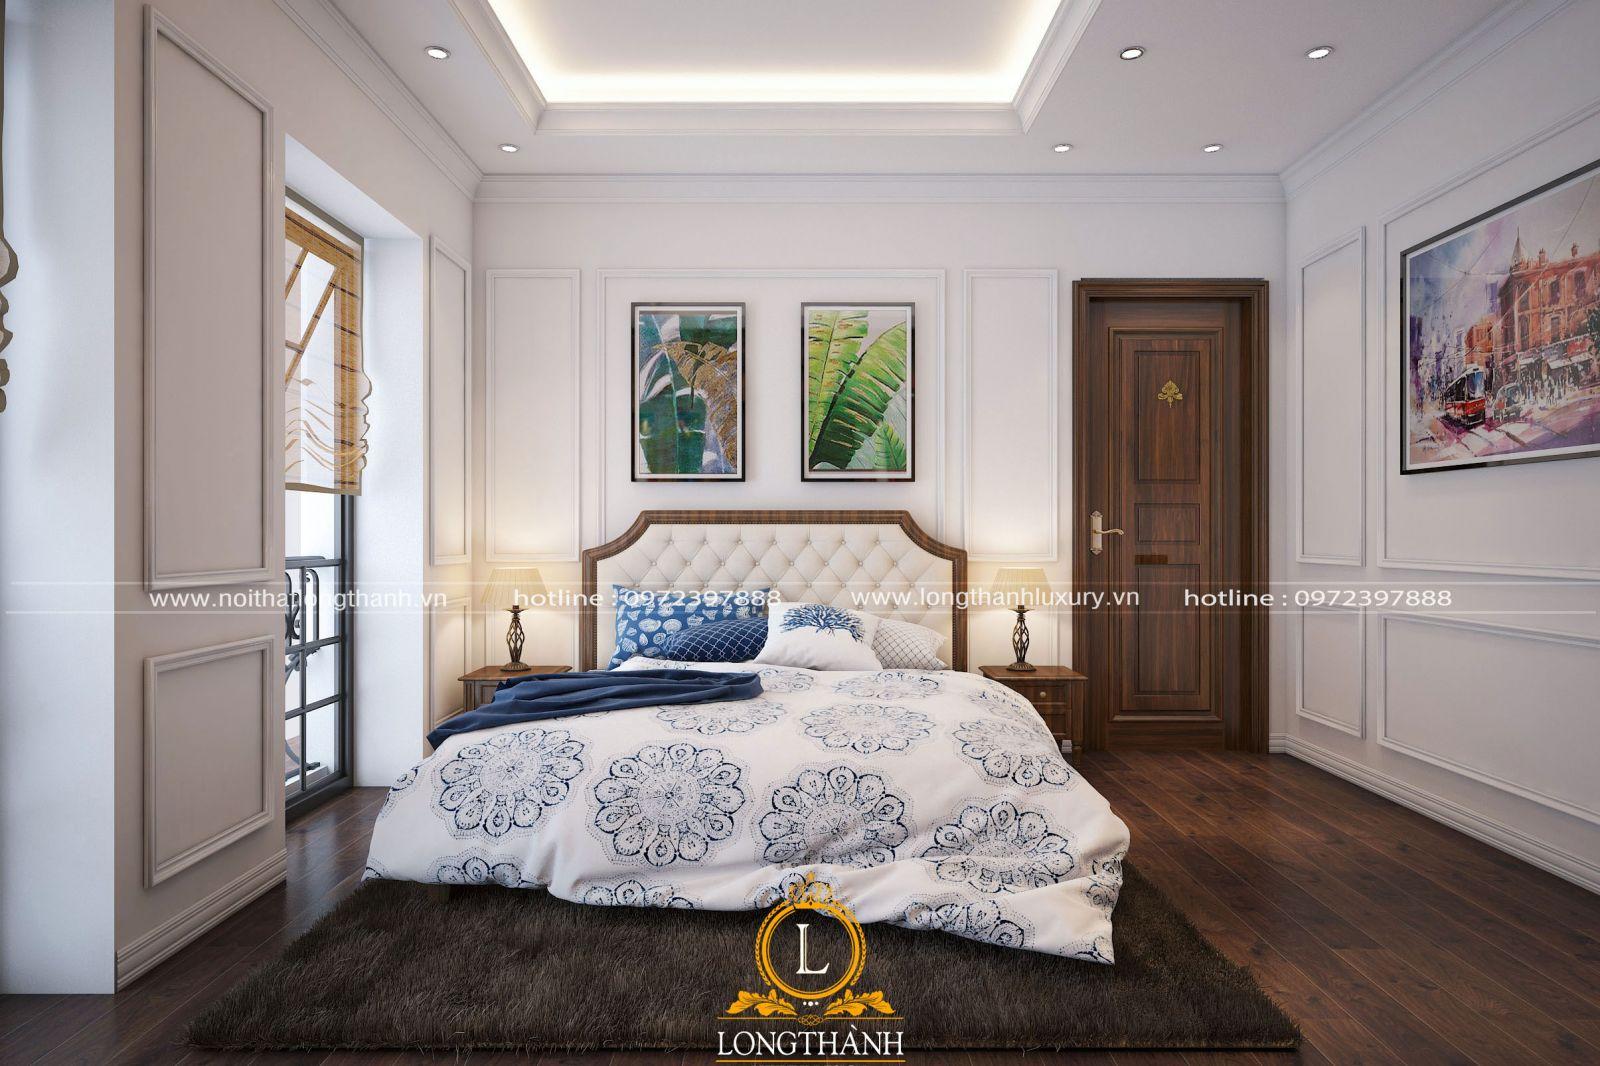 Ánh sáng tự nhiên được tận dụng tối đa trong không gian phòng ngủ